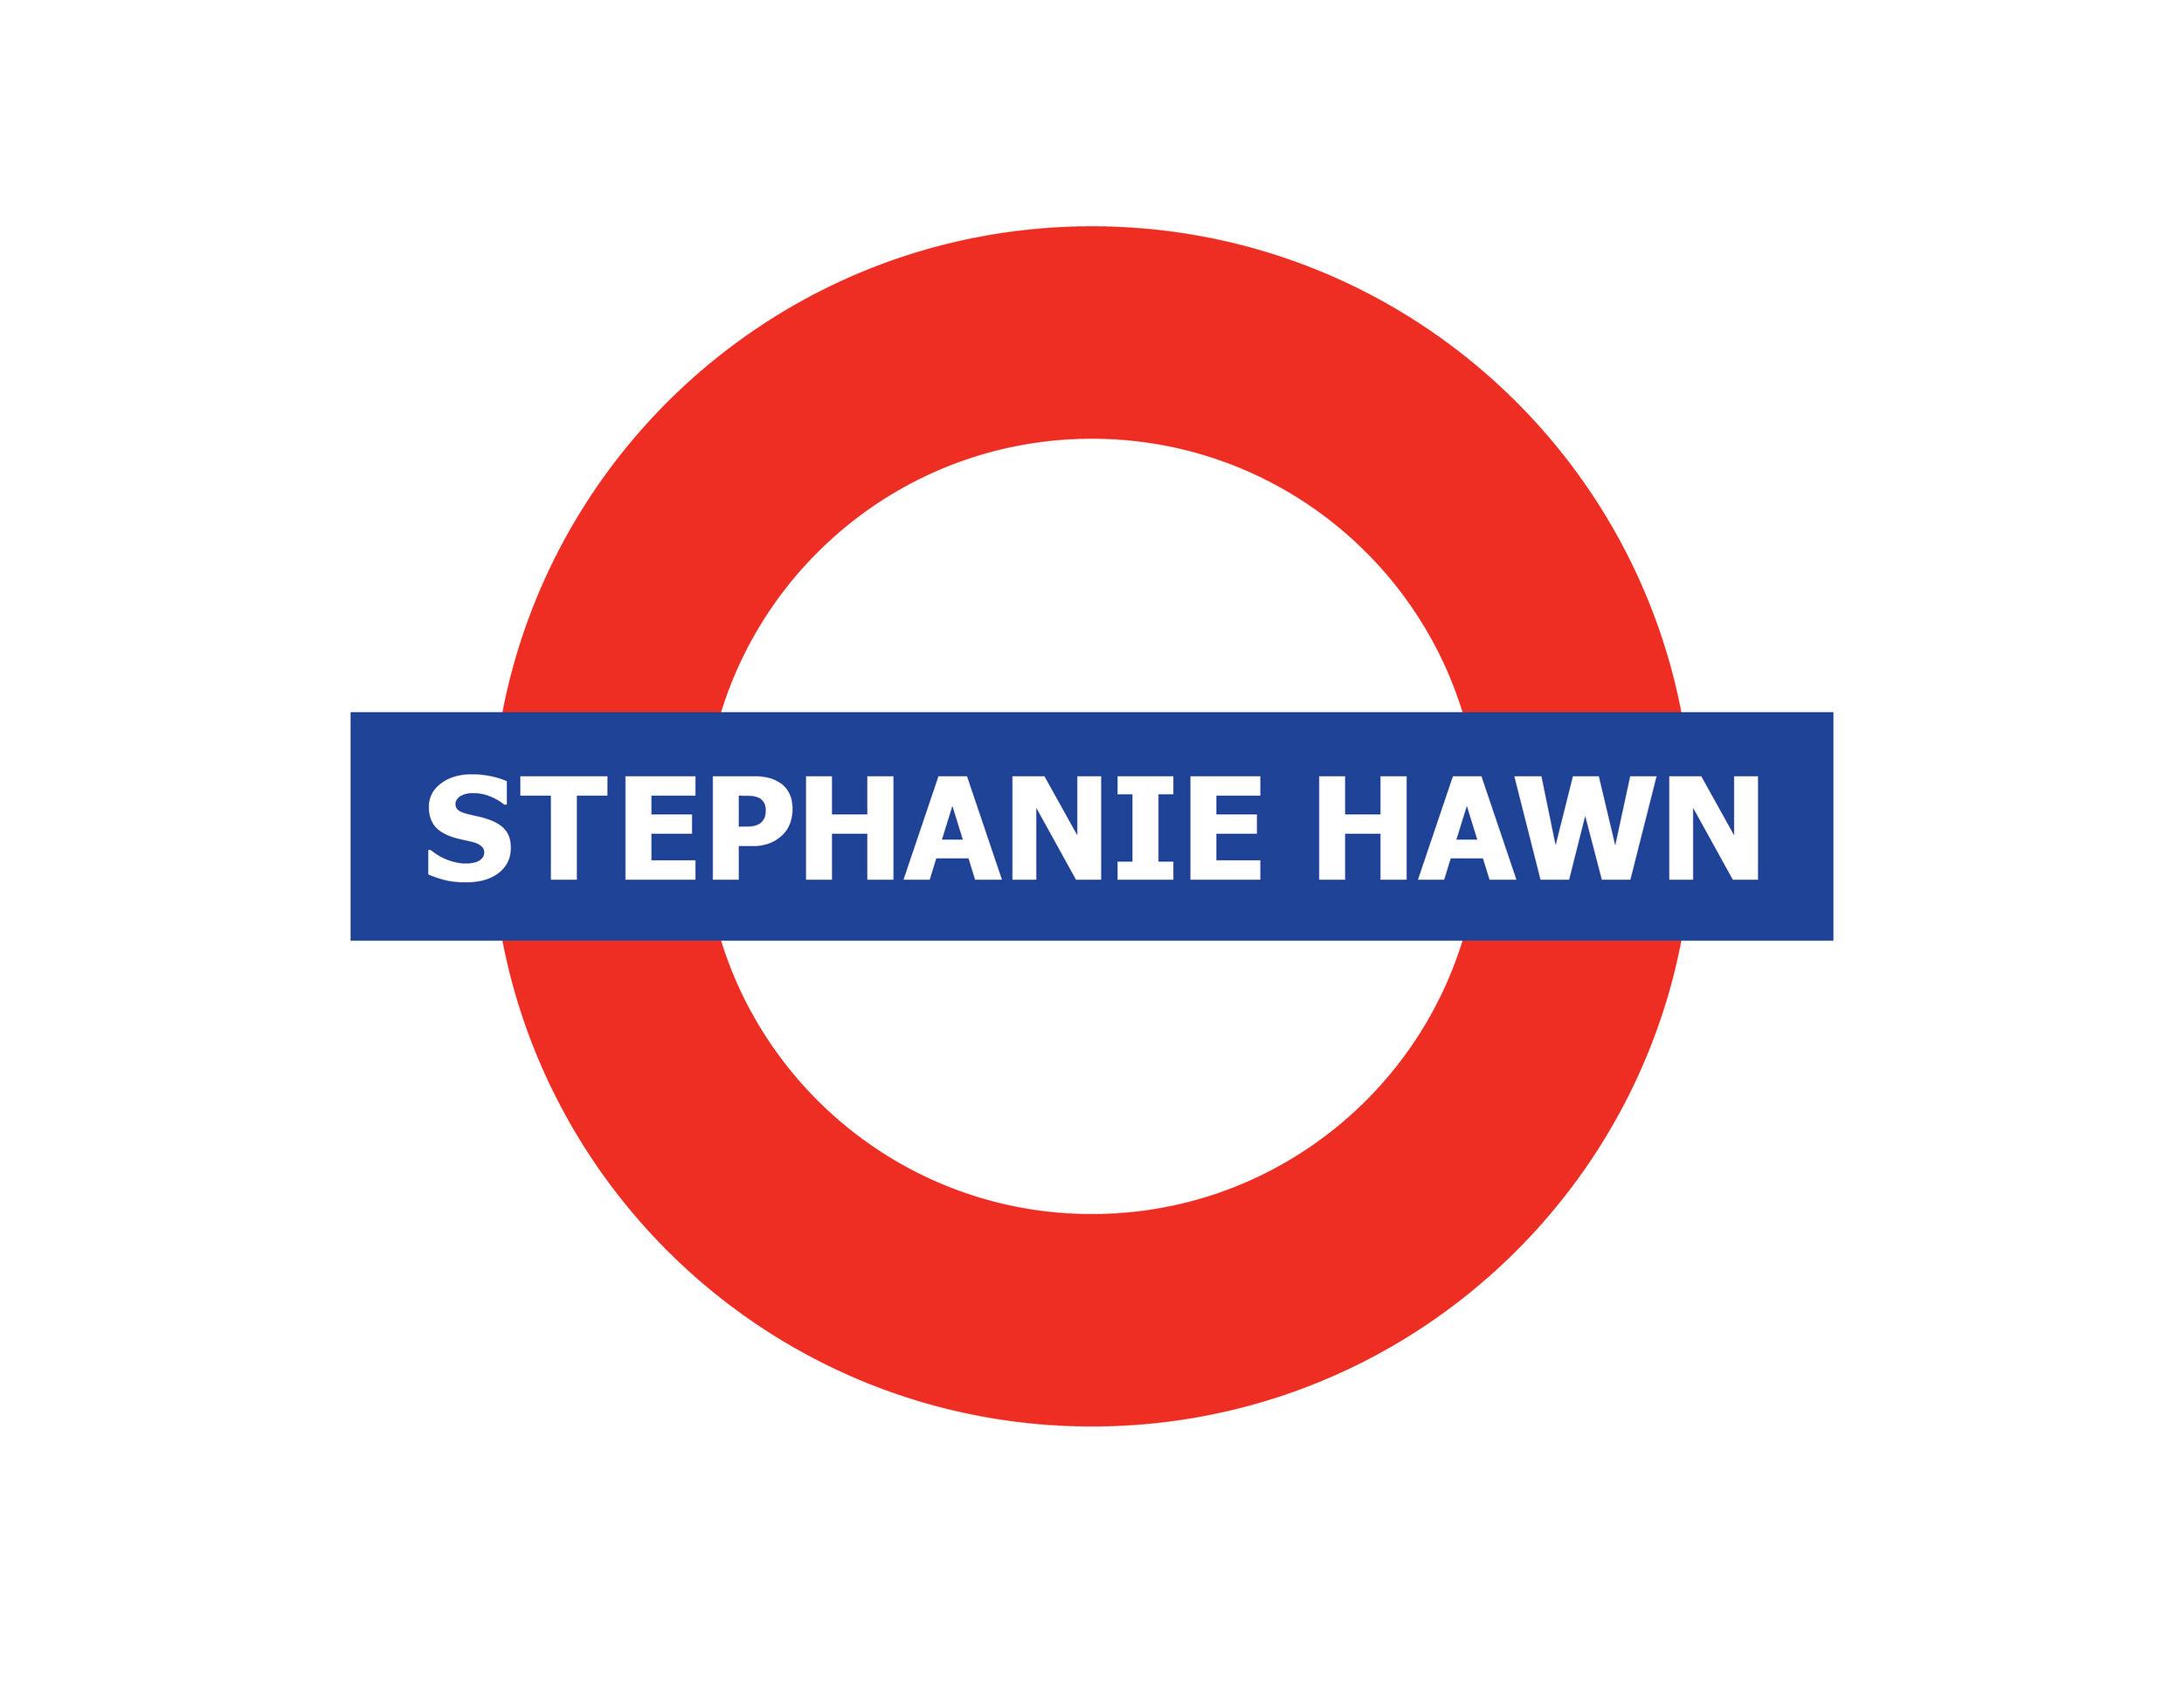 London_Underground_Stephanie_Hawn_5.jpg